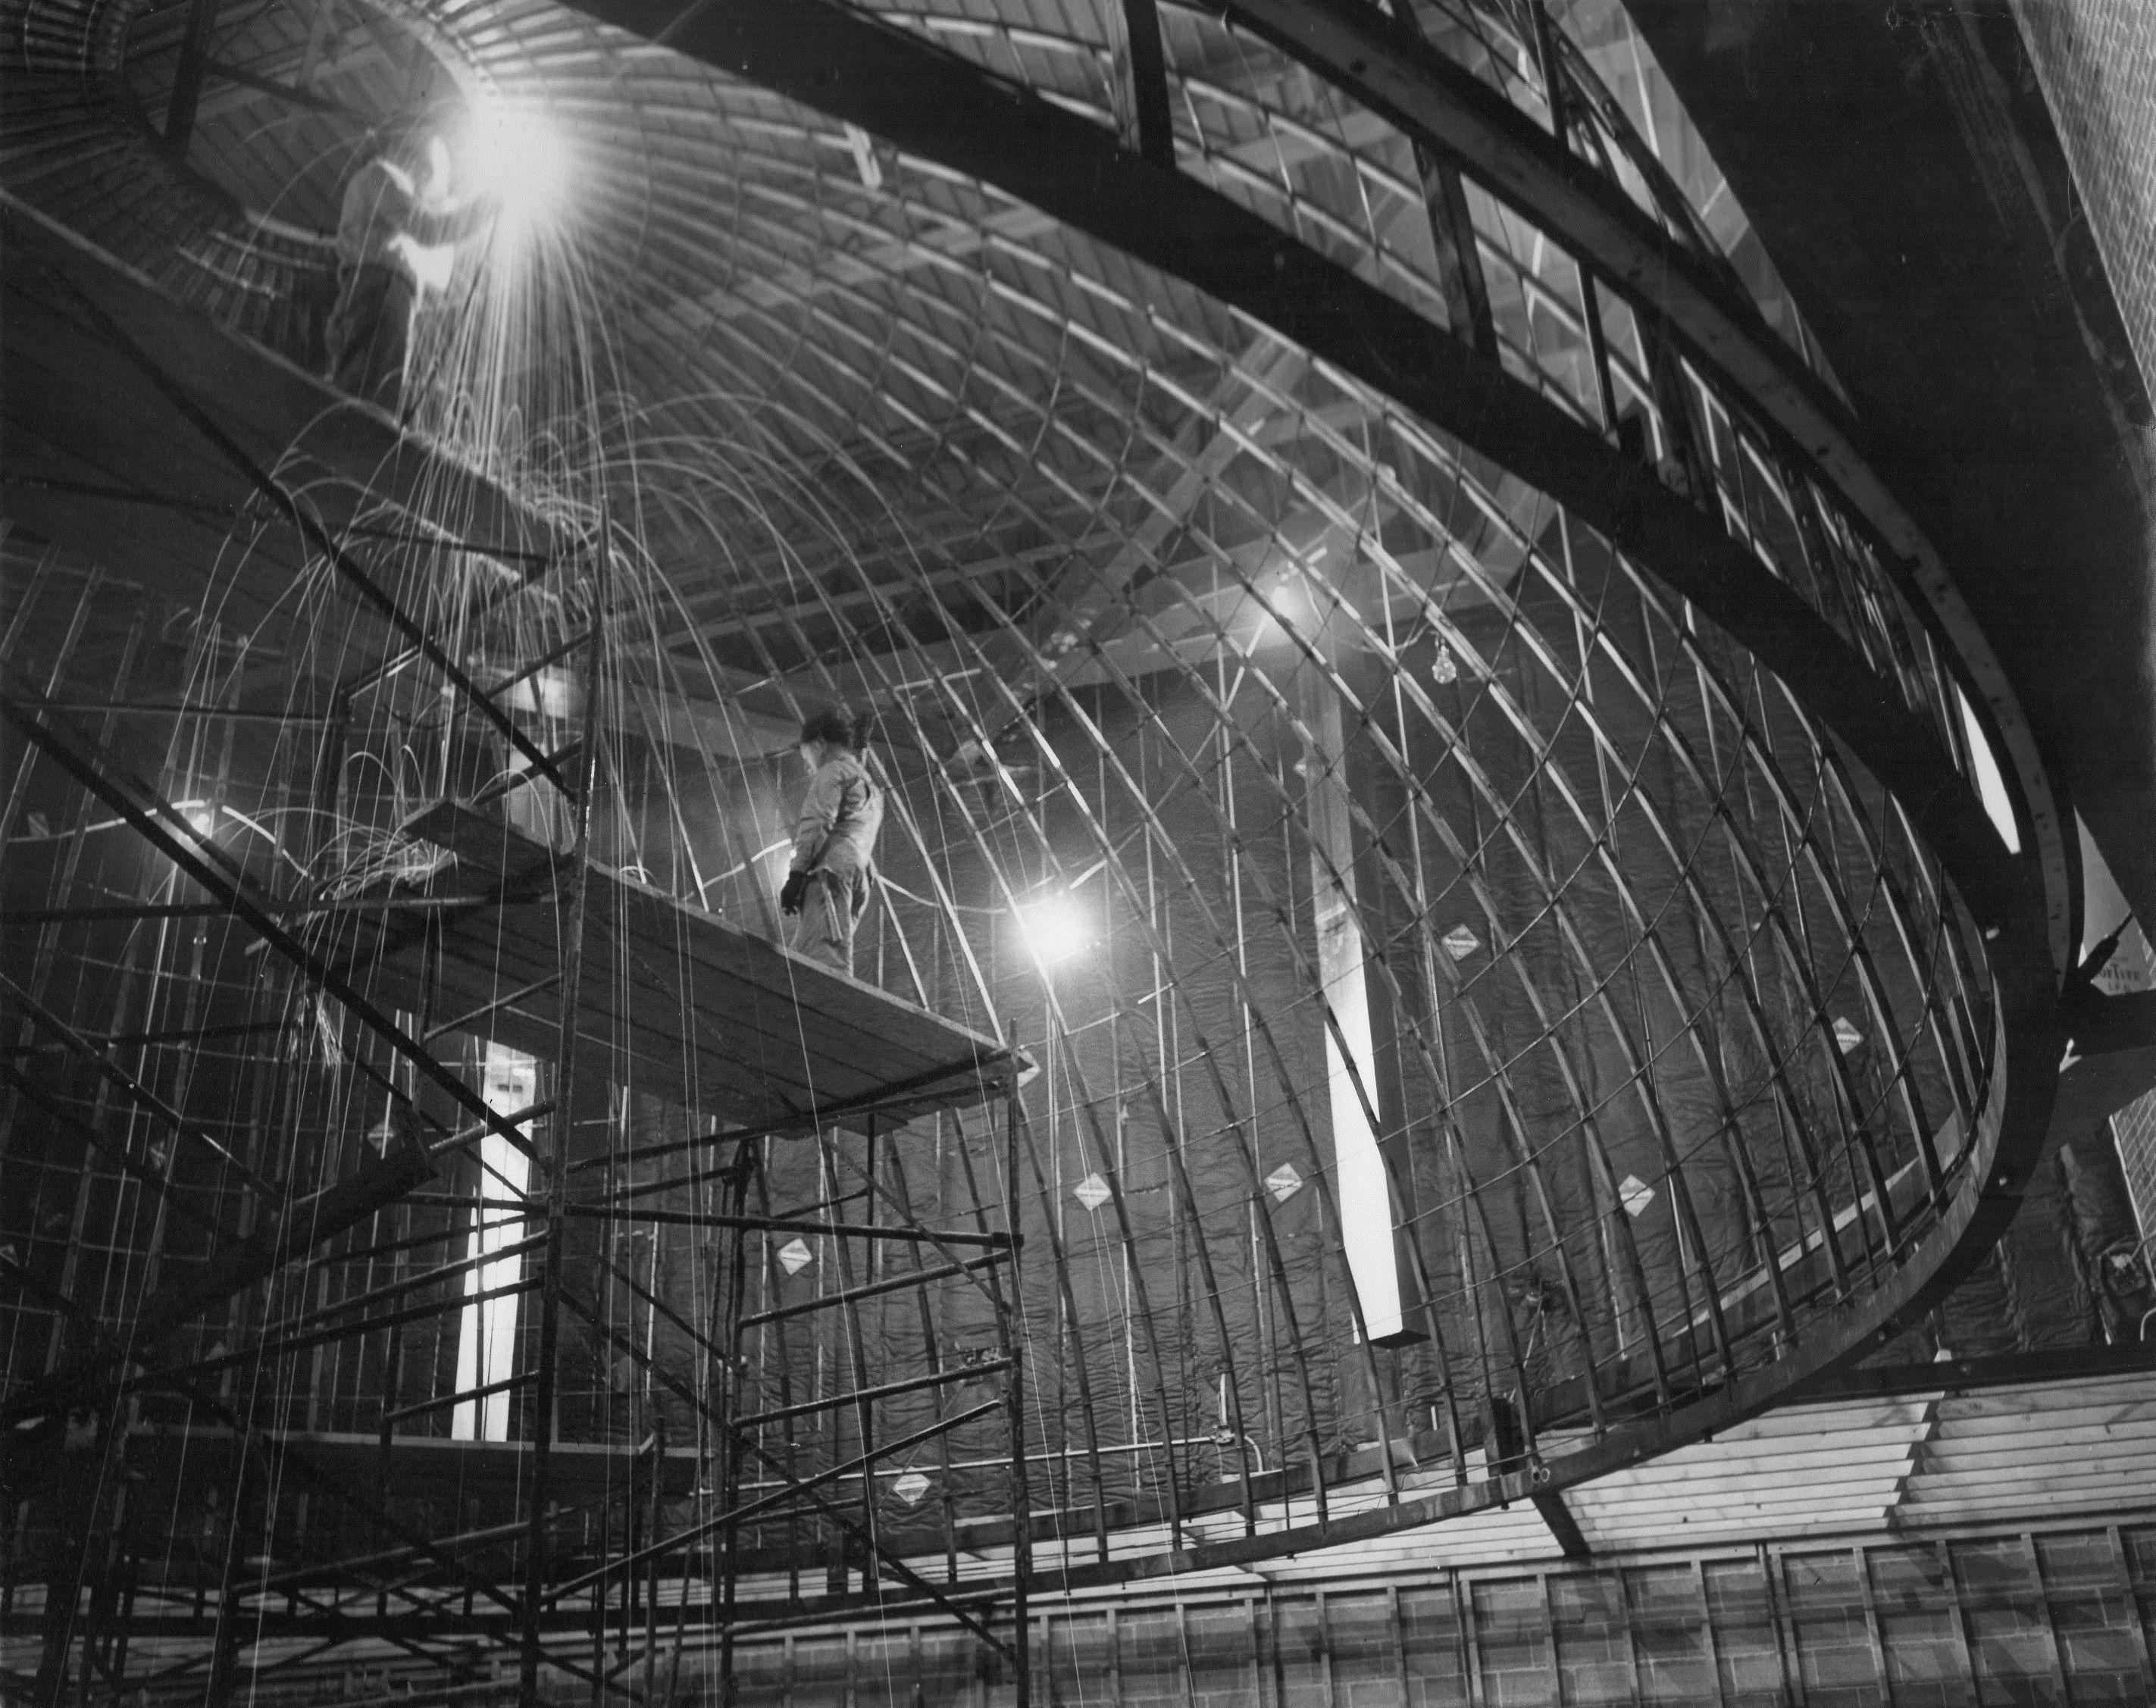 Planetarium construction (1957)